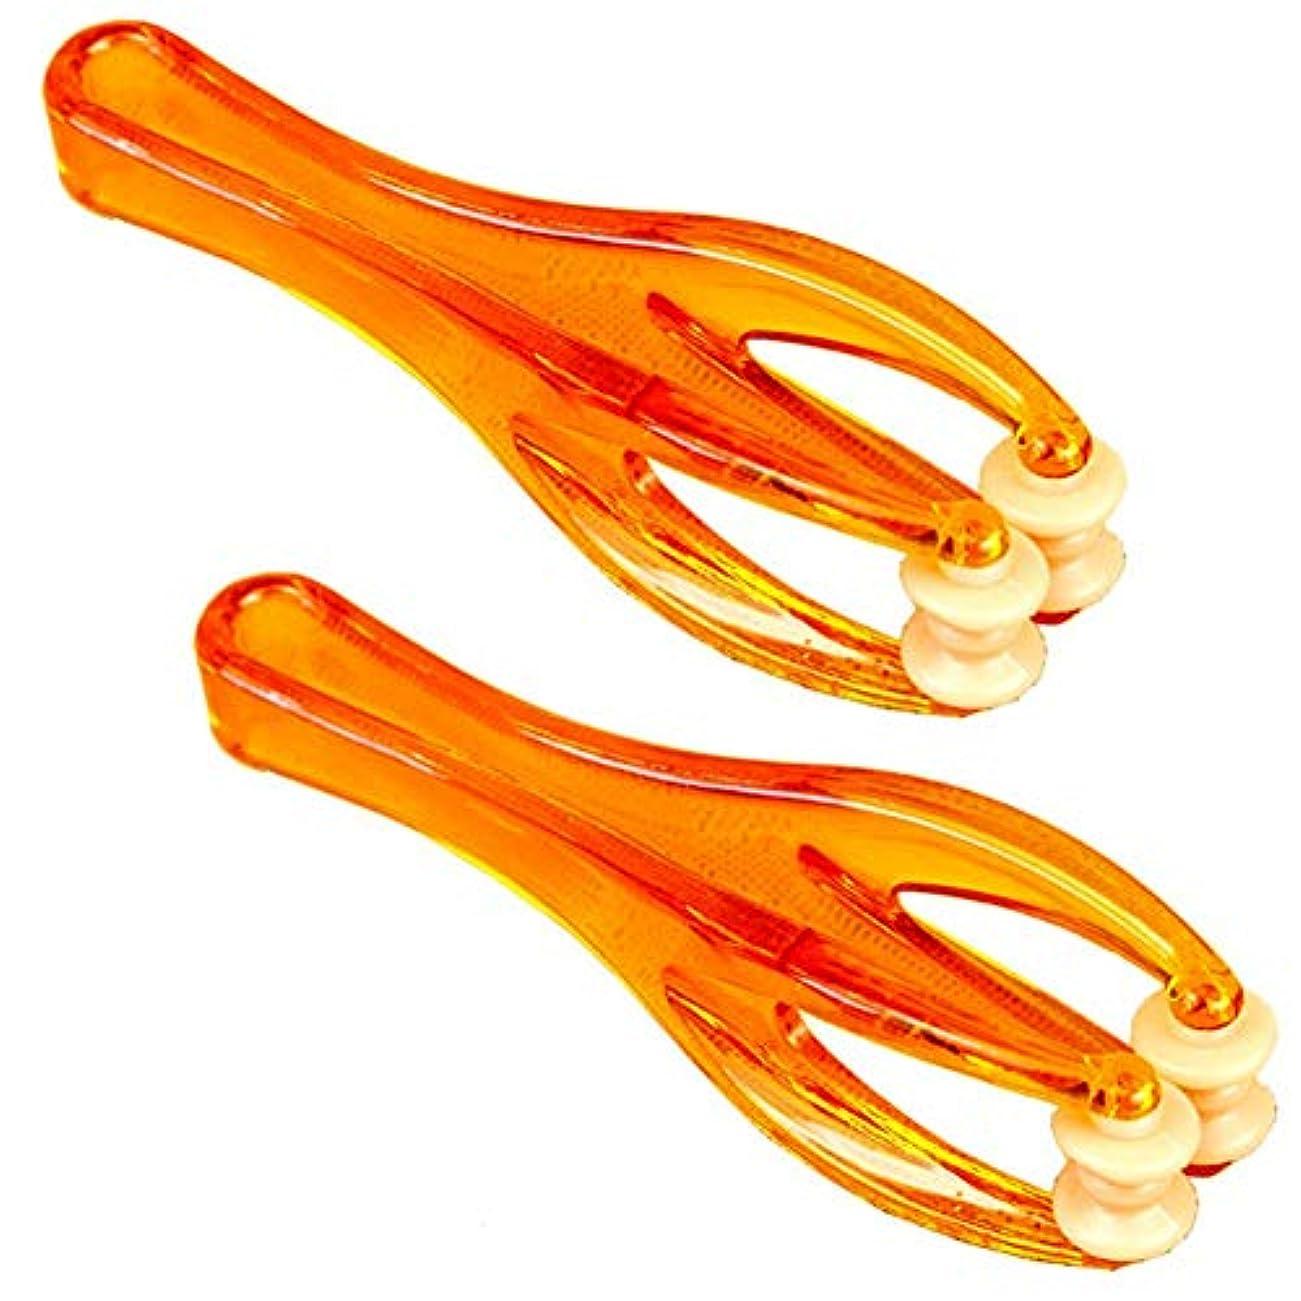 国ラベスカートマッサージャー、フィンガーローラーマッサージャー、手持ち式血液循環ツール、関節弛緩マッサージツール